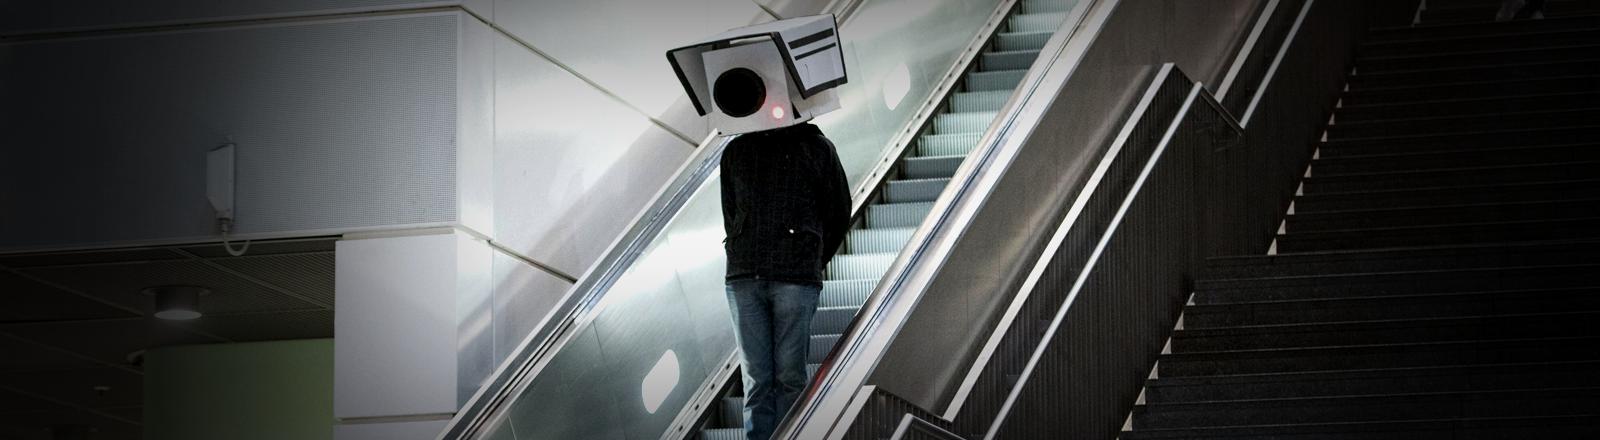 Ein Mensch mit einer Überwachungskamera aus Pappe über dem Kopf